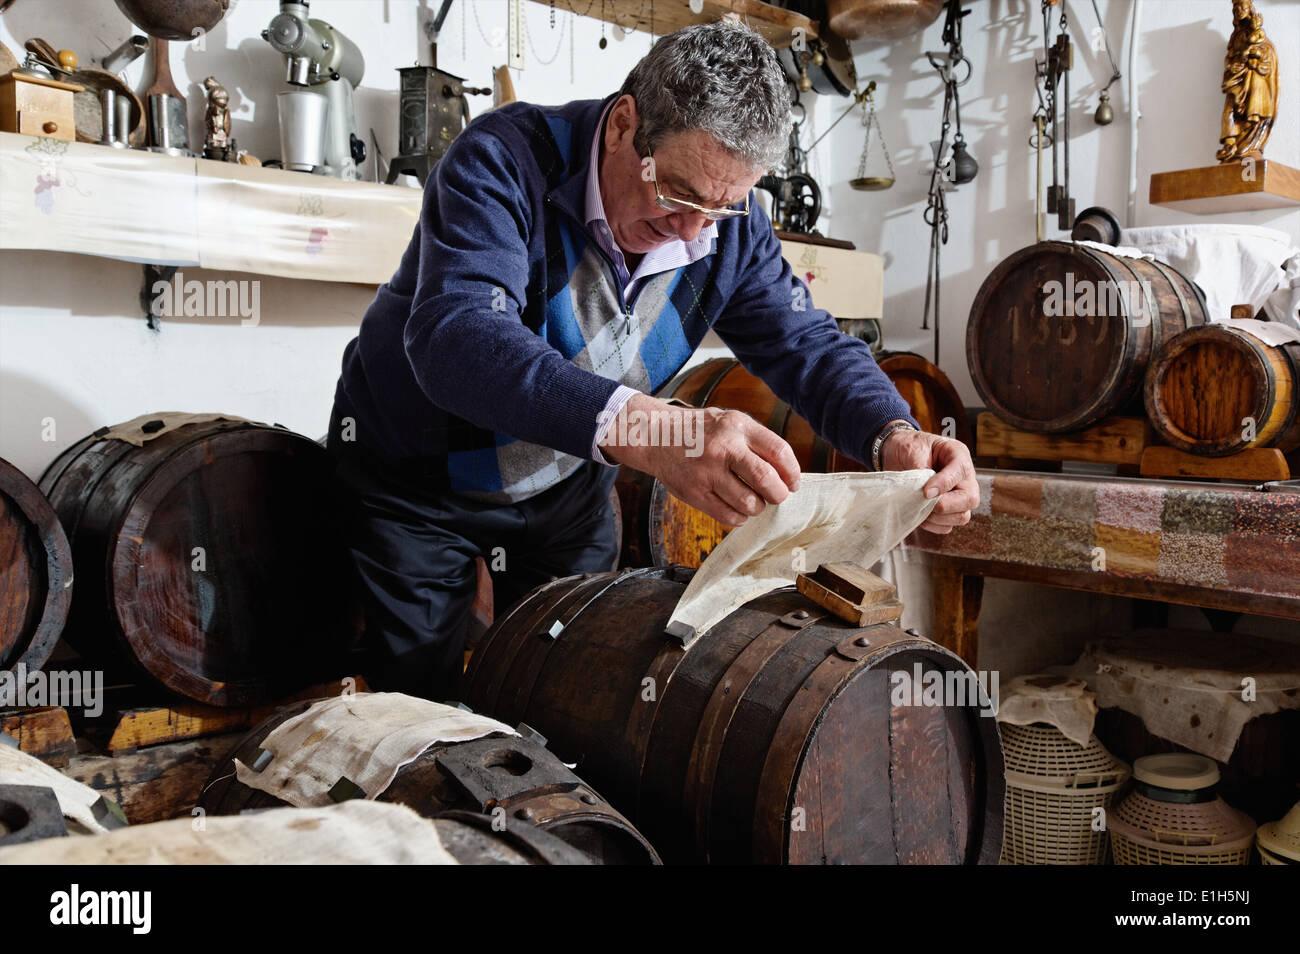 Hombre de decisiones y cuidar más de Aceto Balsamico Tradizionale di Modena Imagen De Stock